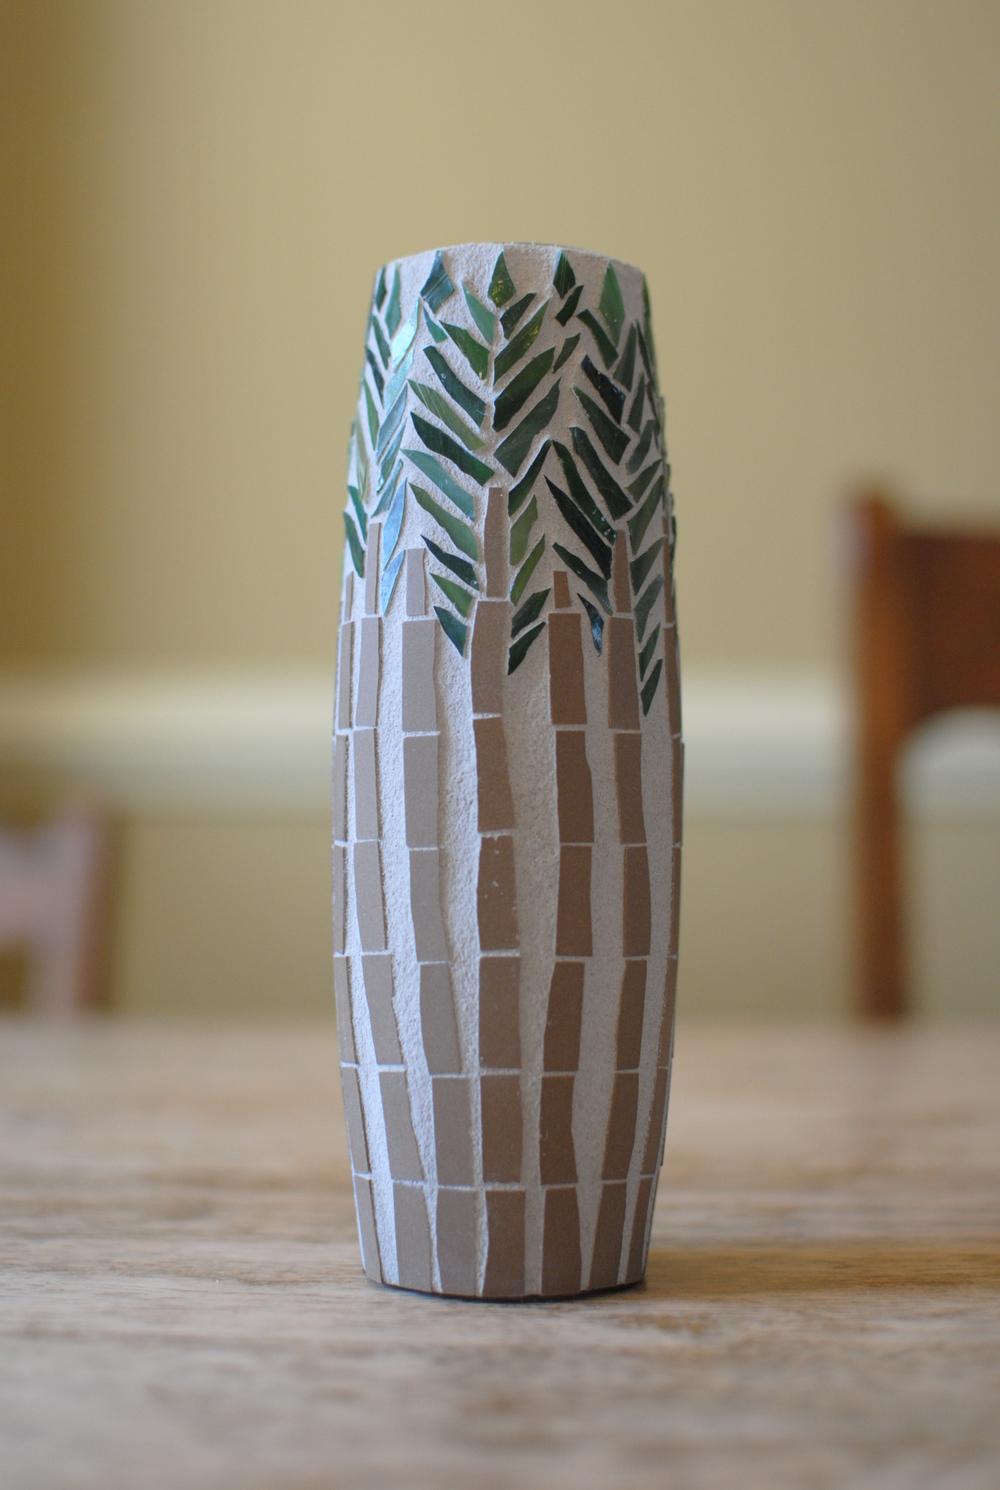 Forest mosaic bud vase